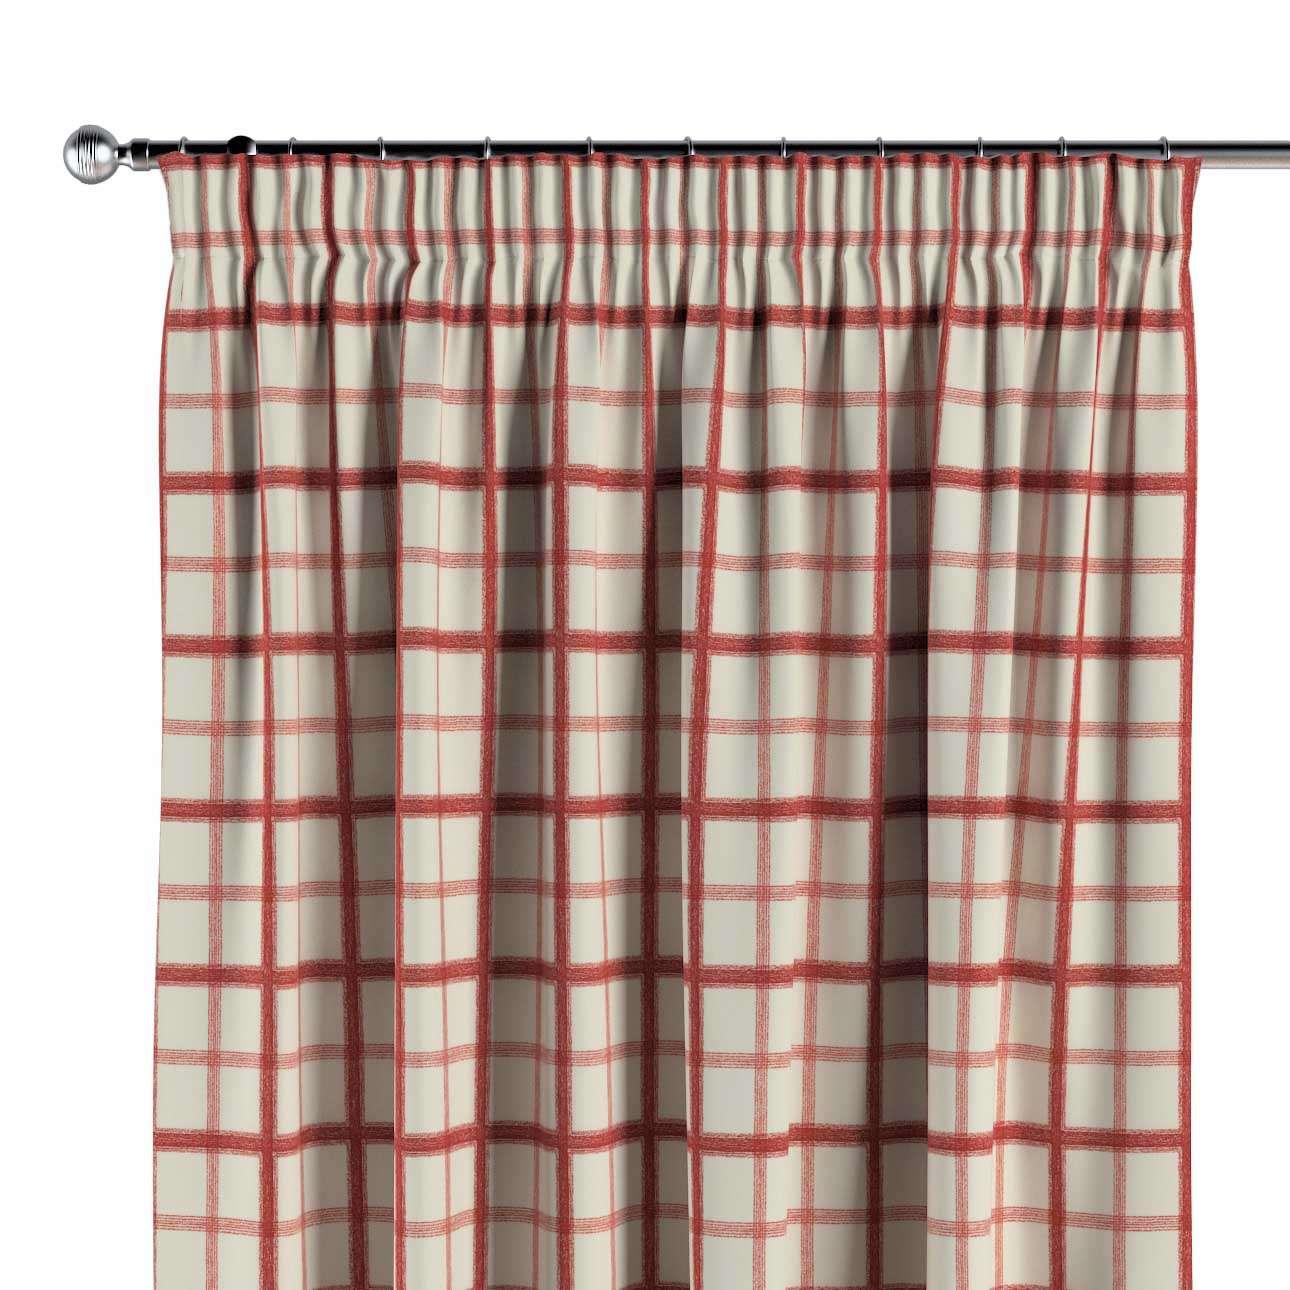 Vorhang mit Kräuselband von der Kollektion Avinon, Stoff: 131-15